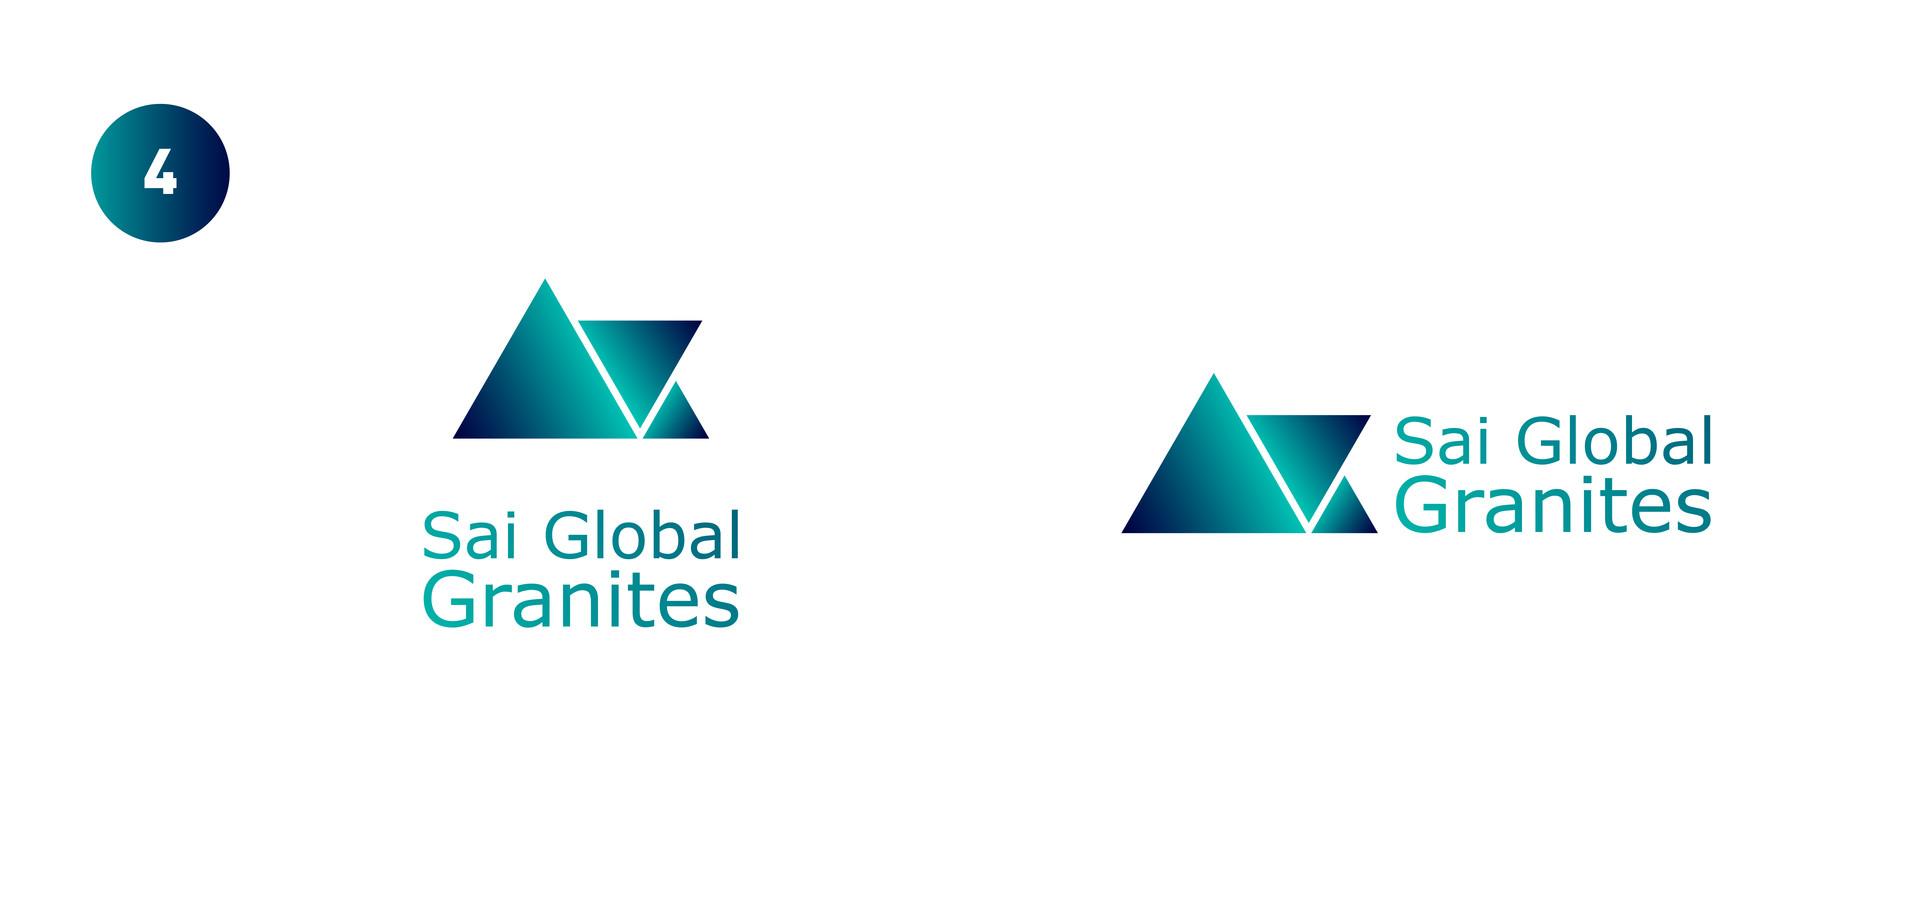 ArtStation - Sai Global Granites Logo, Gopalkrishnan R